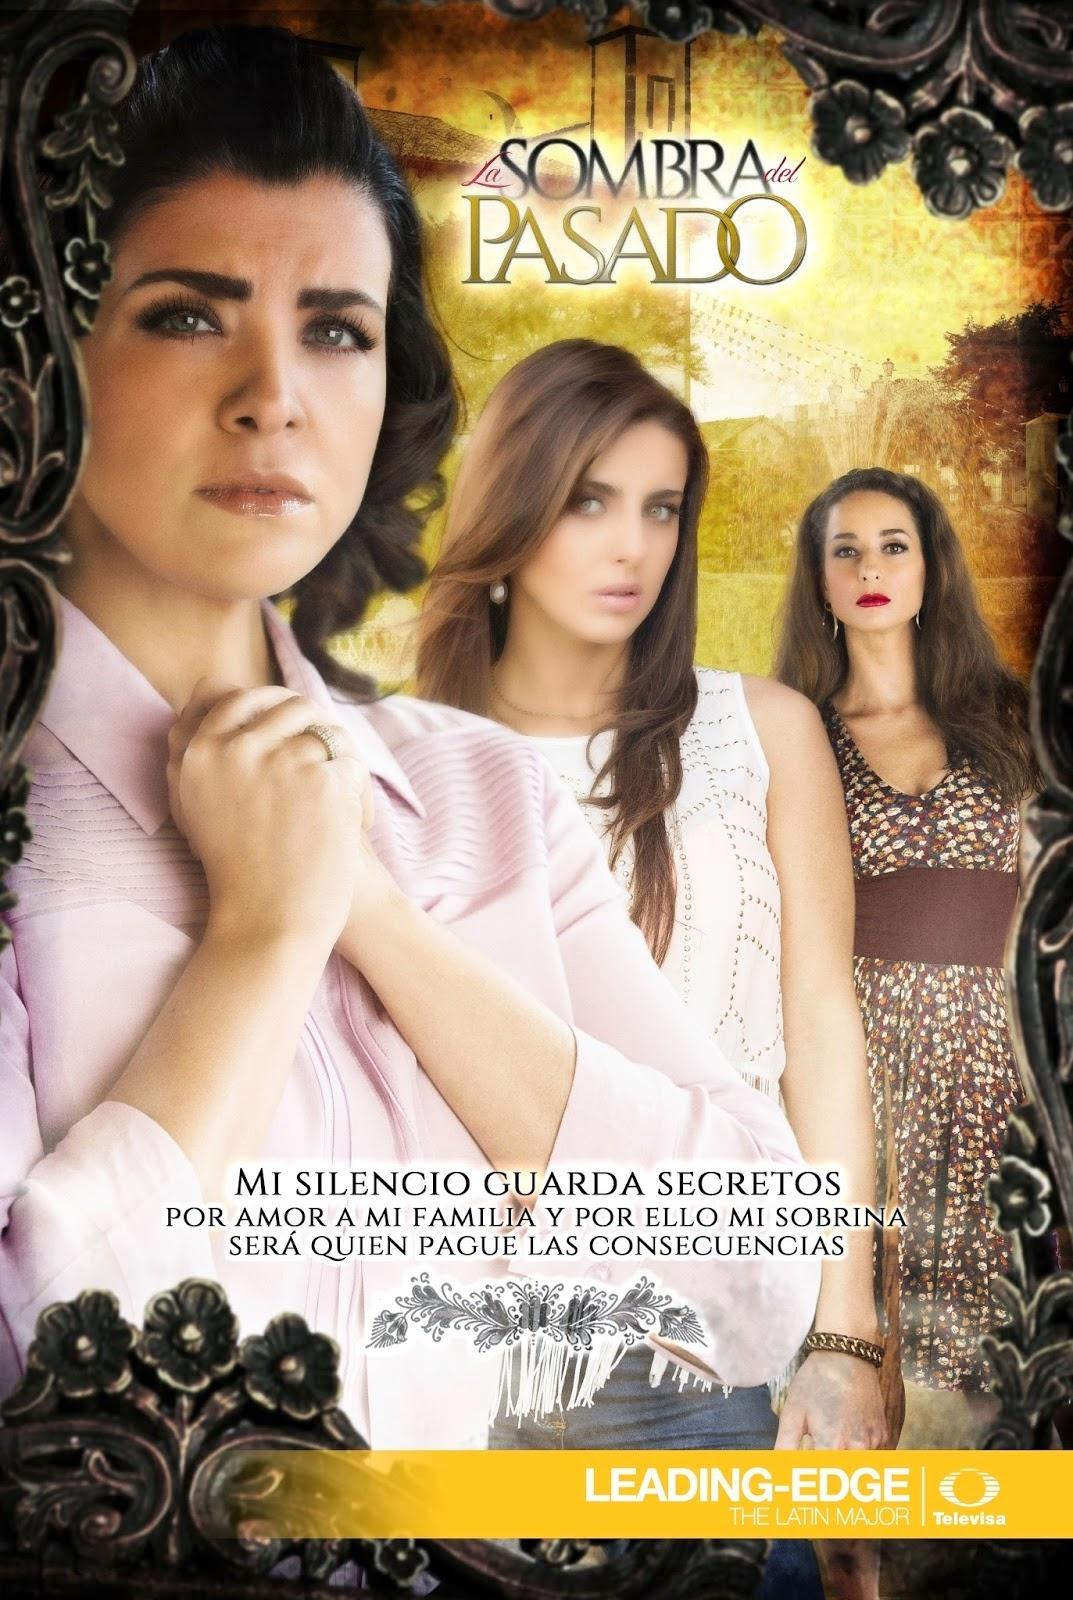 Latinlova - La sombra del pasado Official Poster